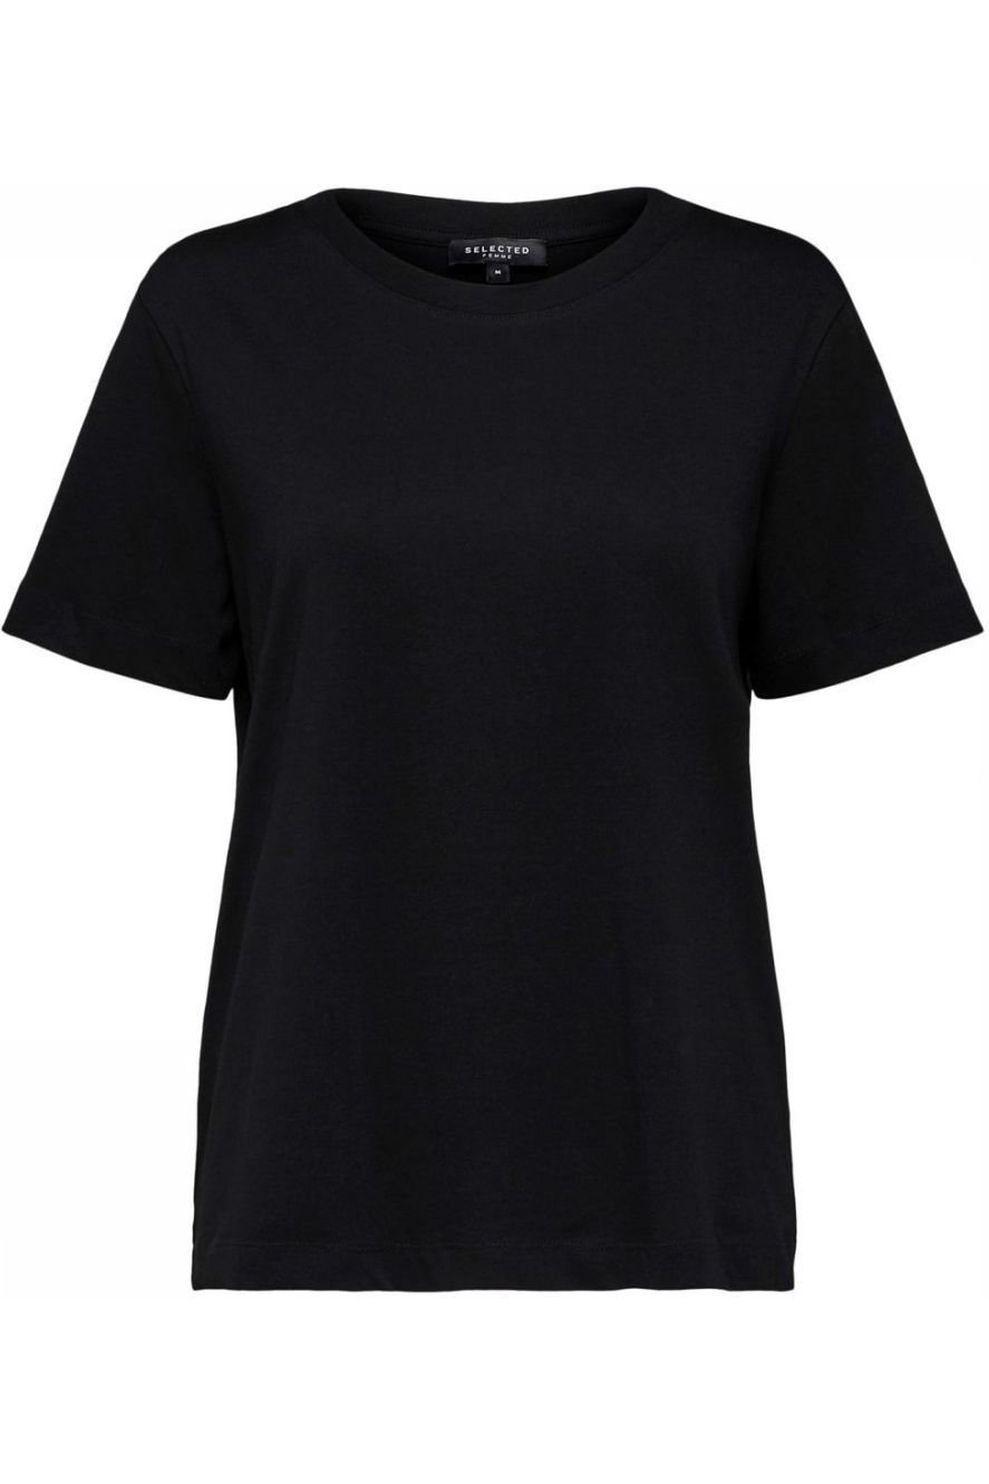 Selected T-Shirt Standard Ss Nos voor dames - Zwart - Maten: XS, S, M, L, XL